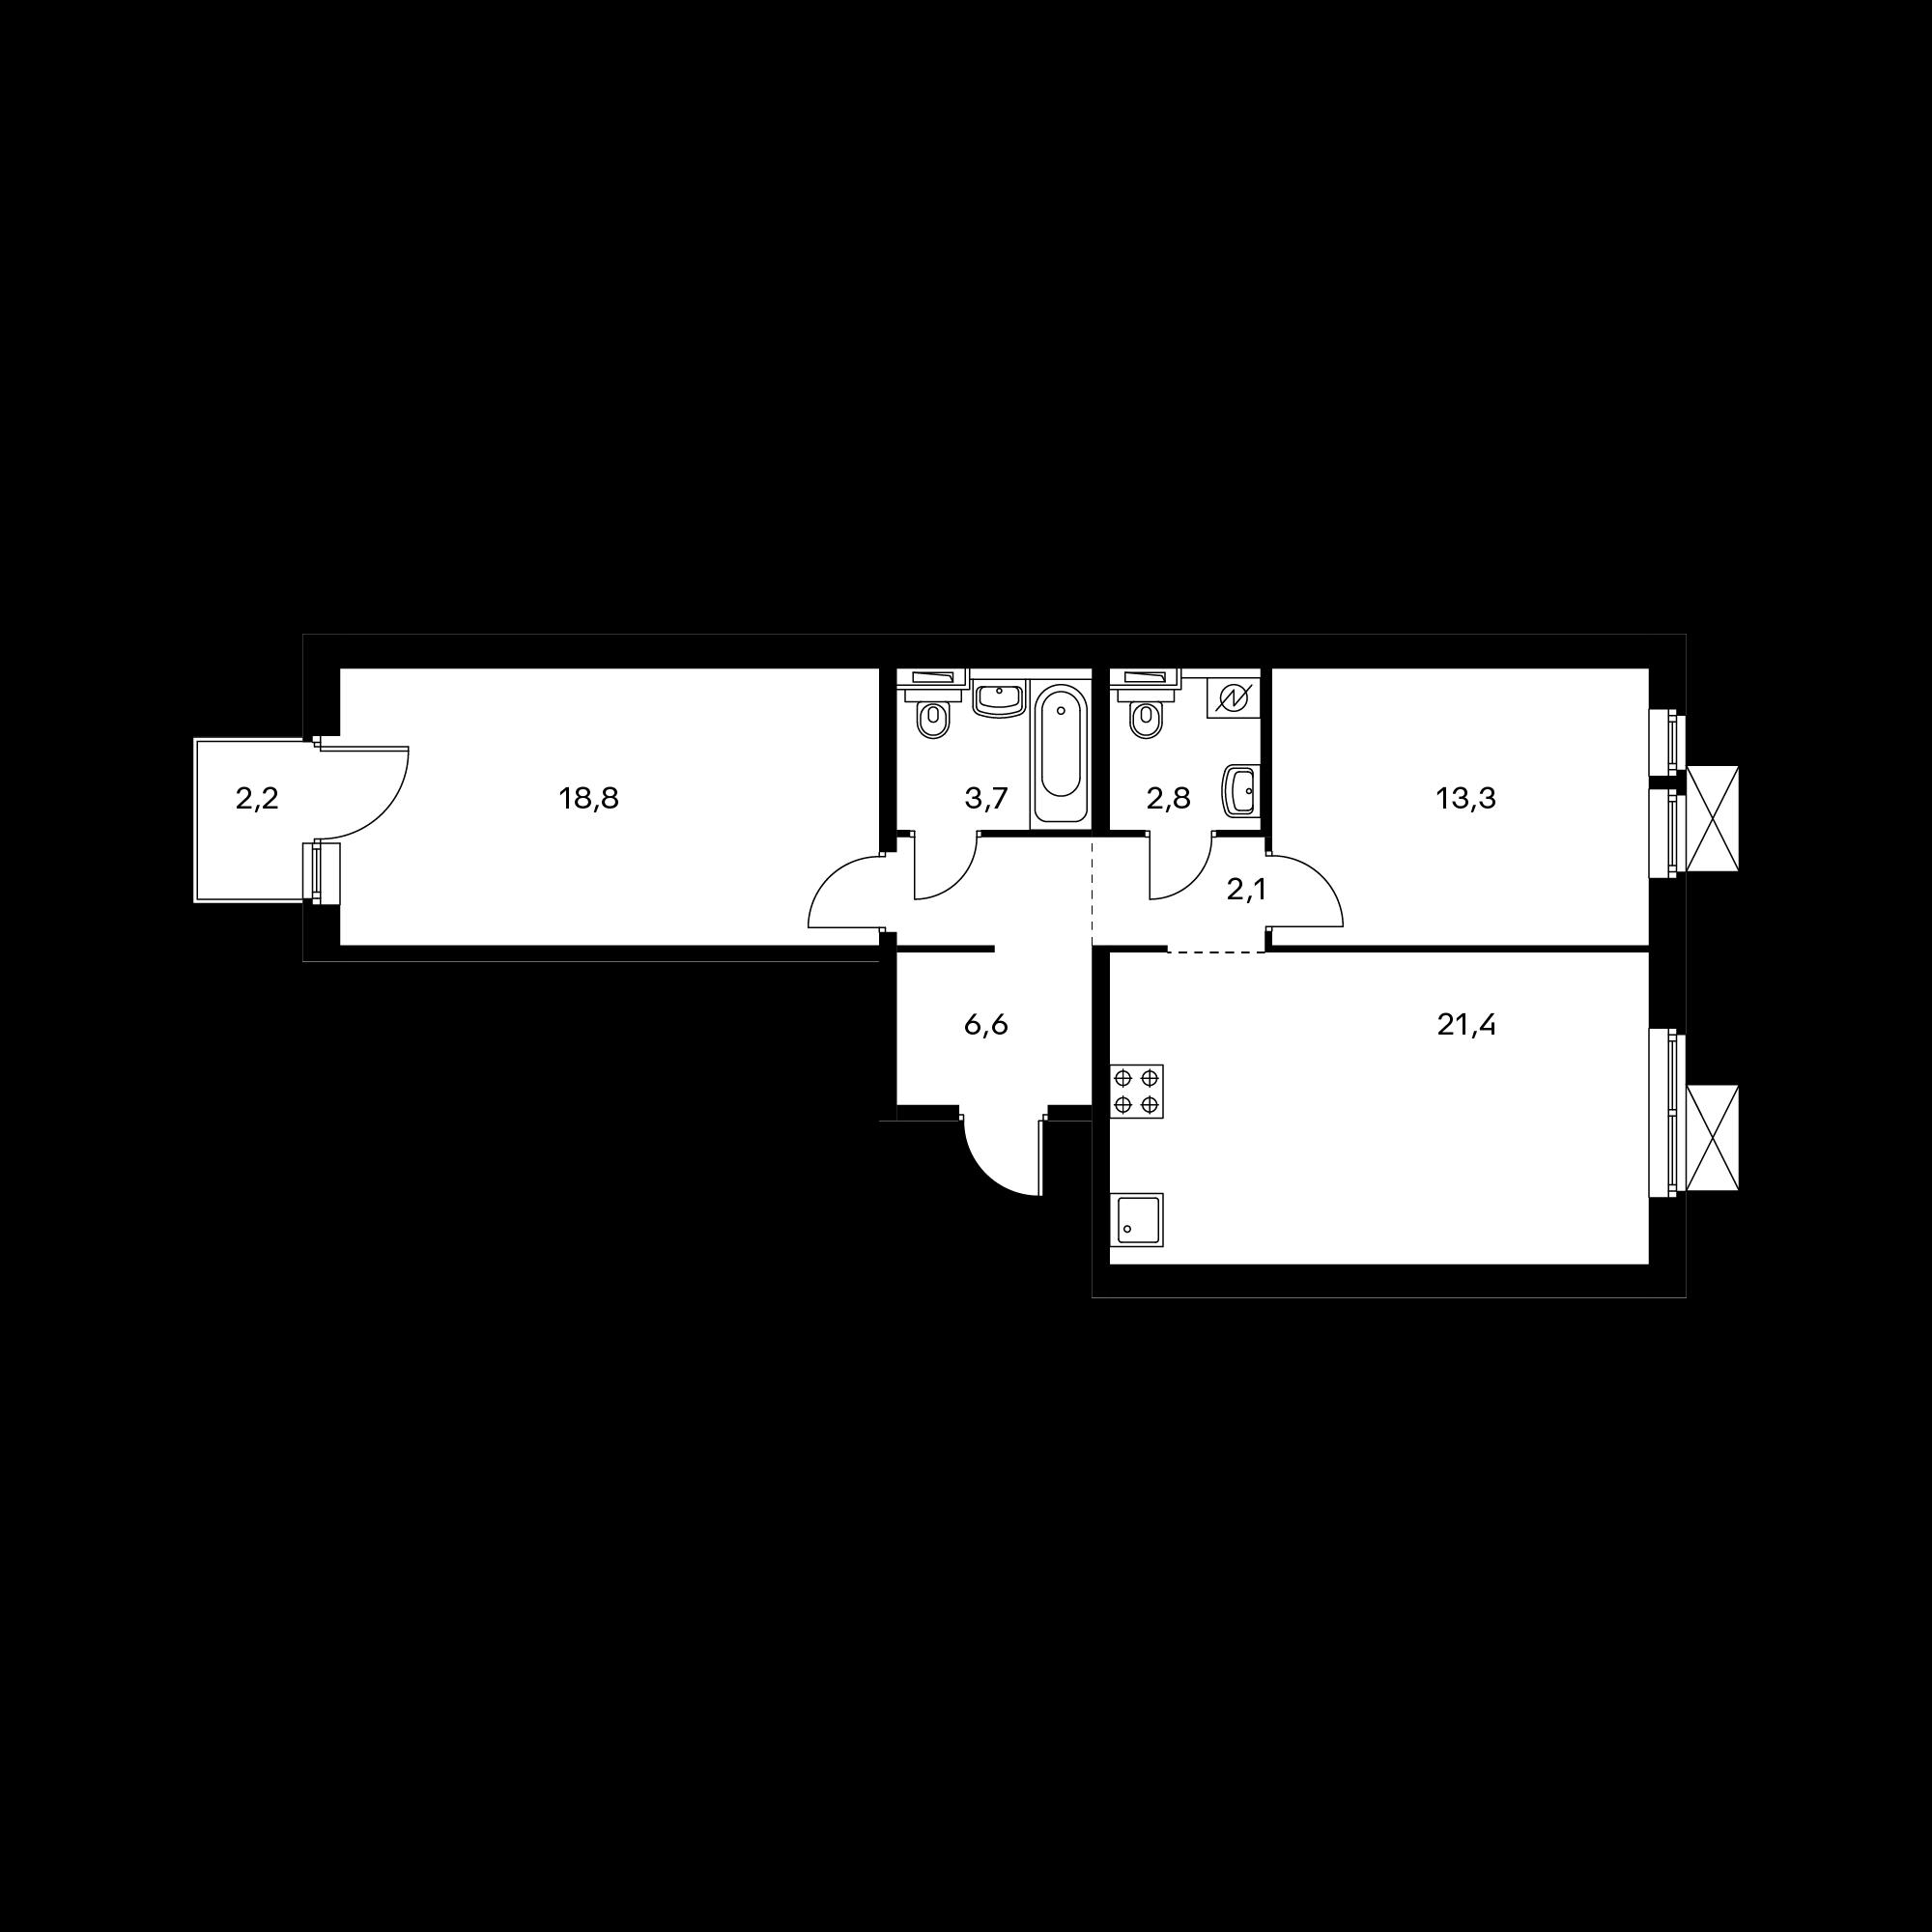 2EL3_6.9-1_B(2,2)